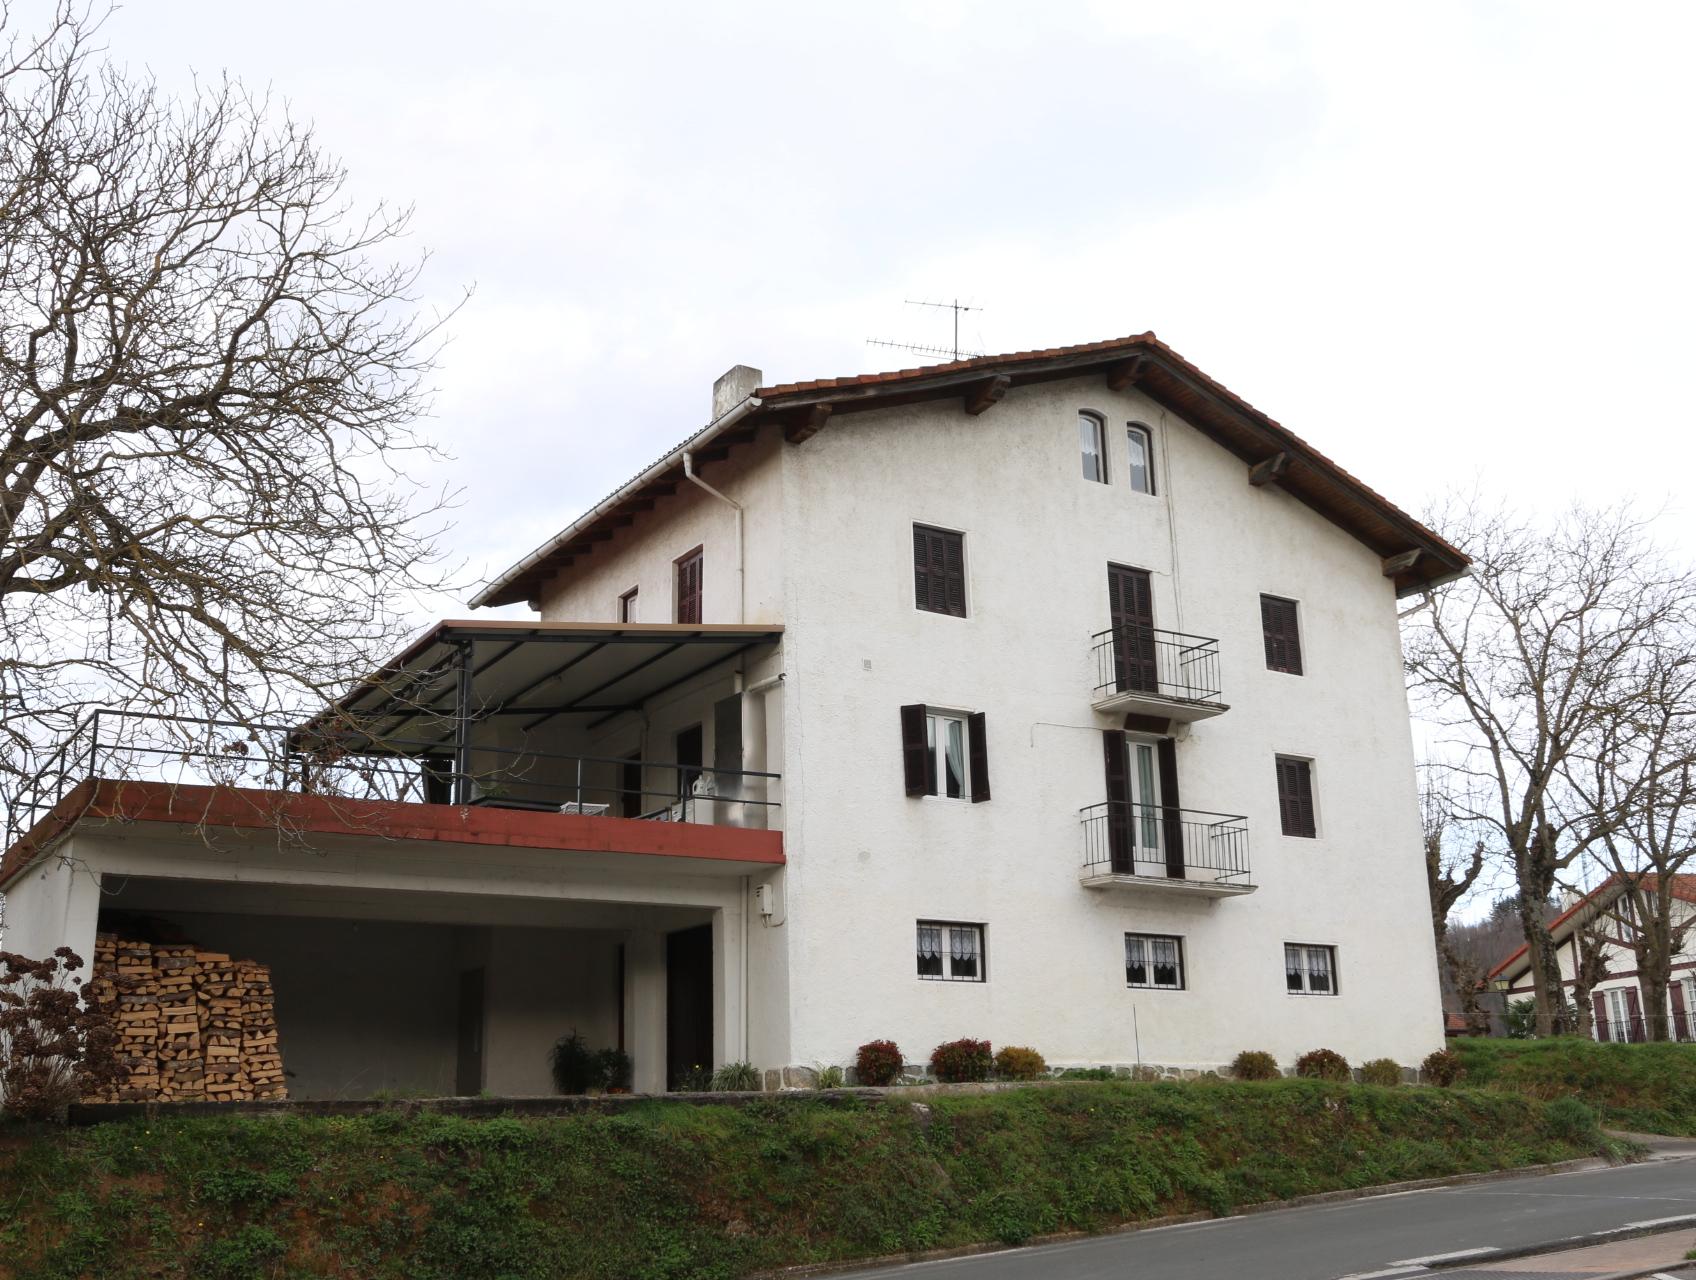 Casa unifamiliar en venta en Altzo, Gipuzkoa